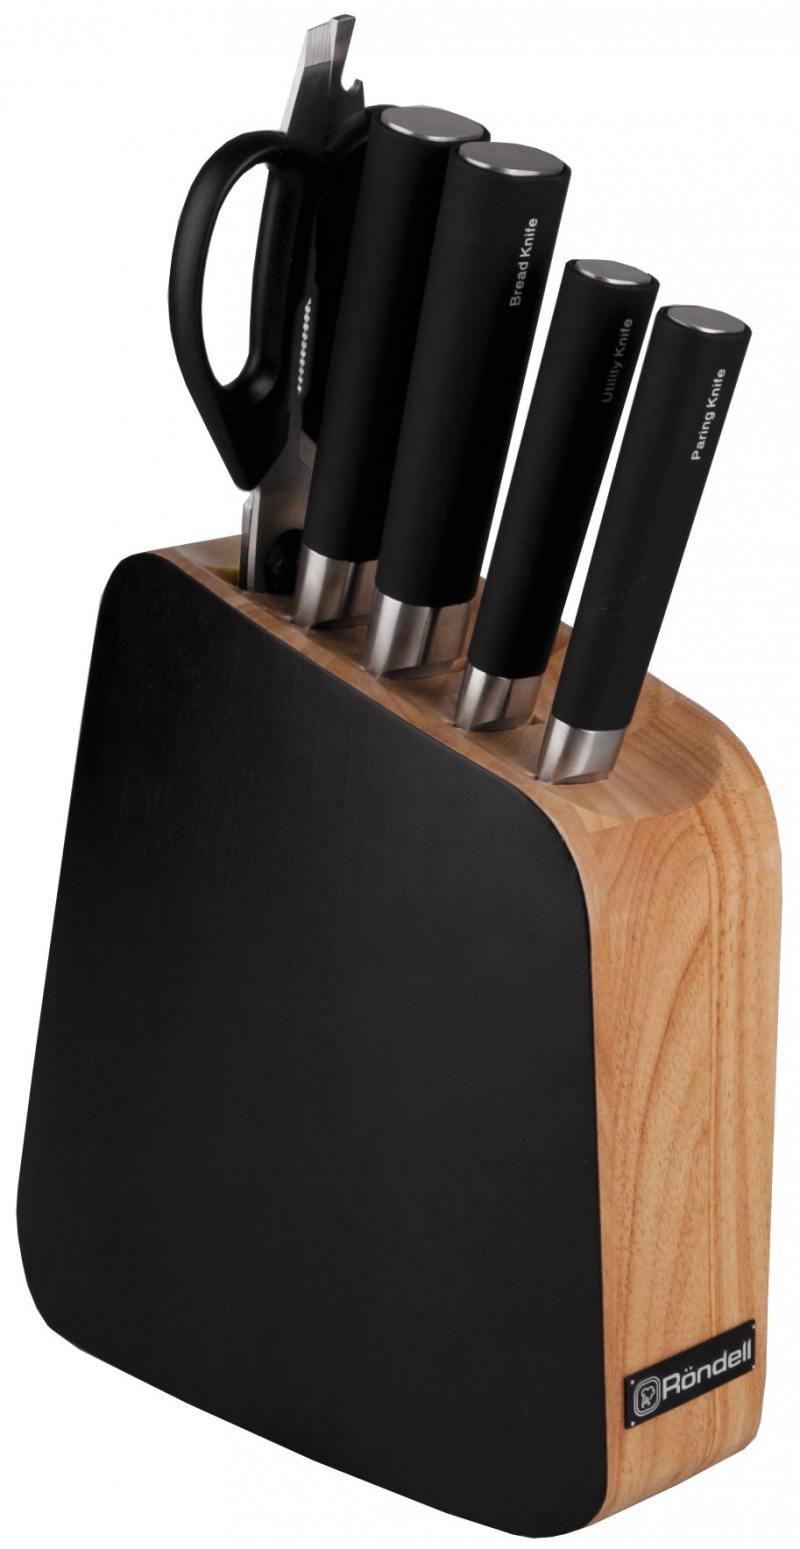 Набор ножей Rondell Balestra RD-484 6 предметов недорого